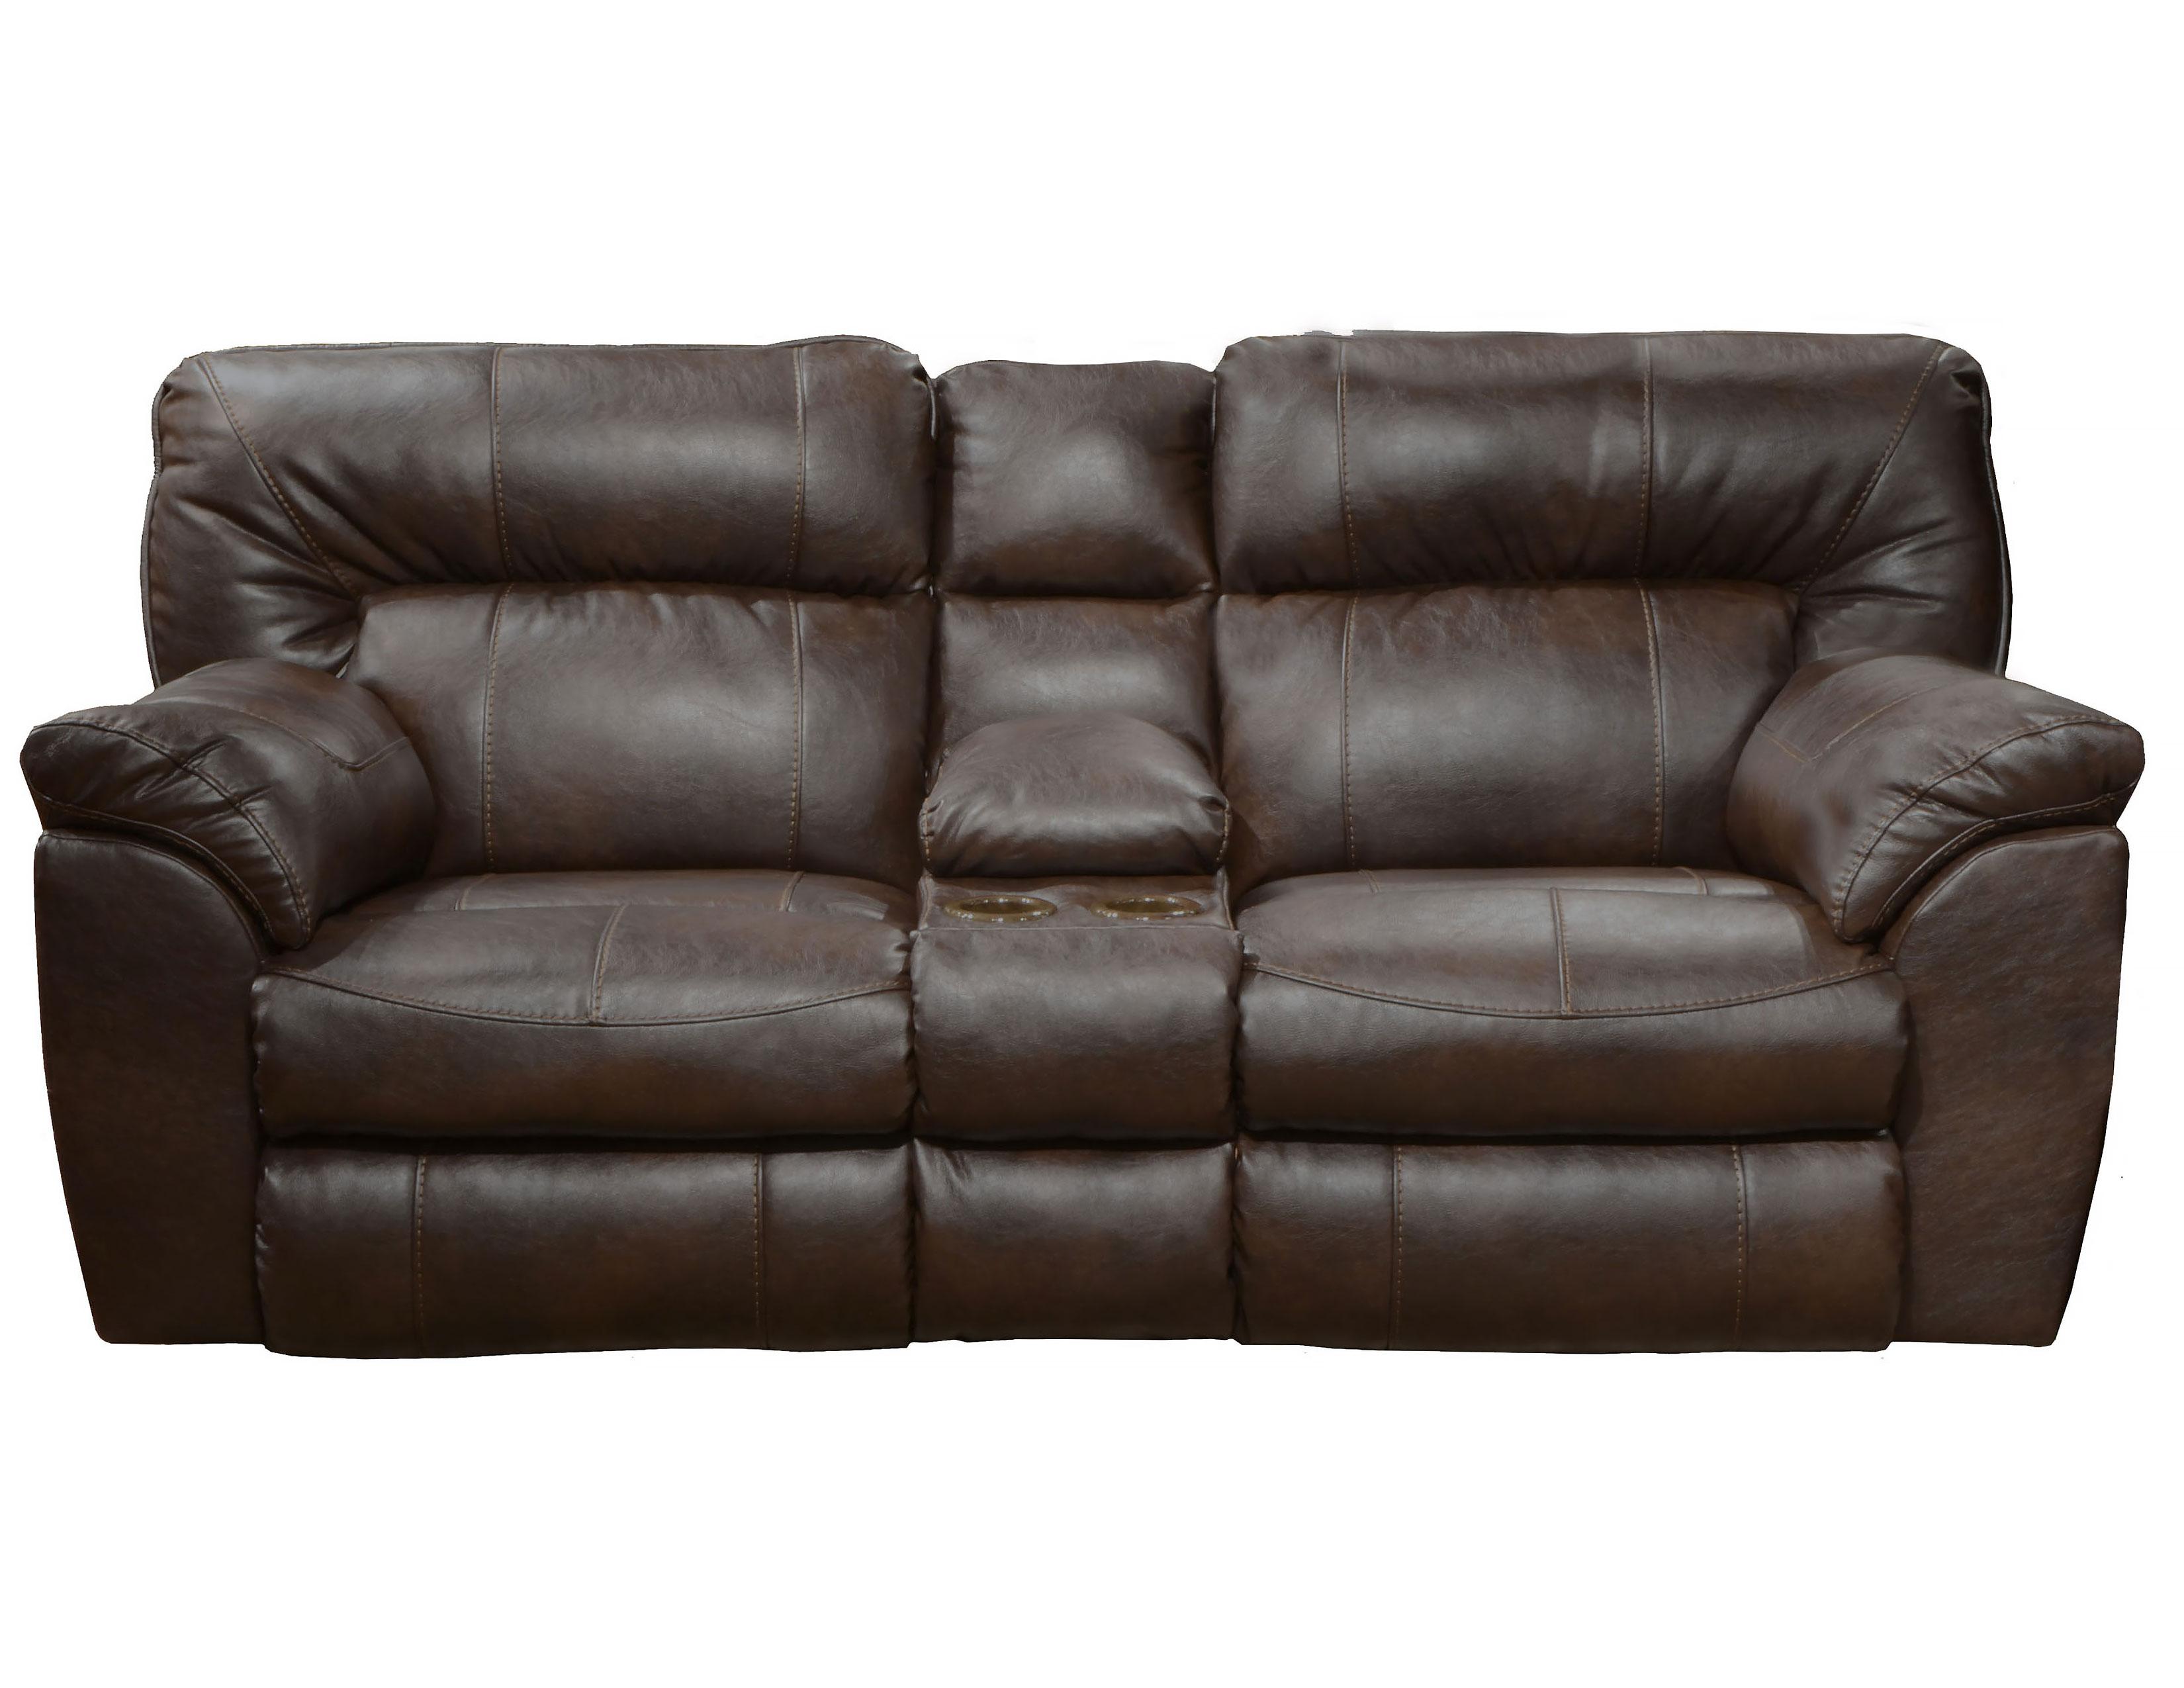 Phenomenal Nolan Dual Reclining Sofa Extra Wide Seats Sofas And Inzonedesignstudio Interior Chair Design Inzonedesignstudiocom